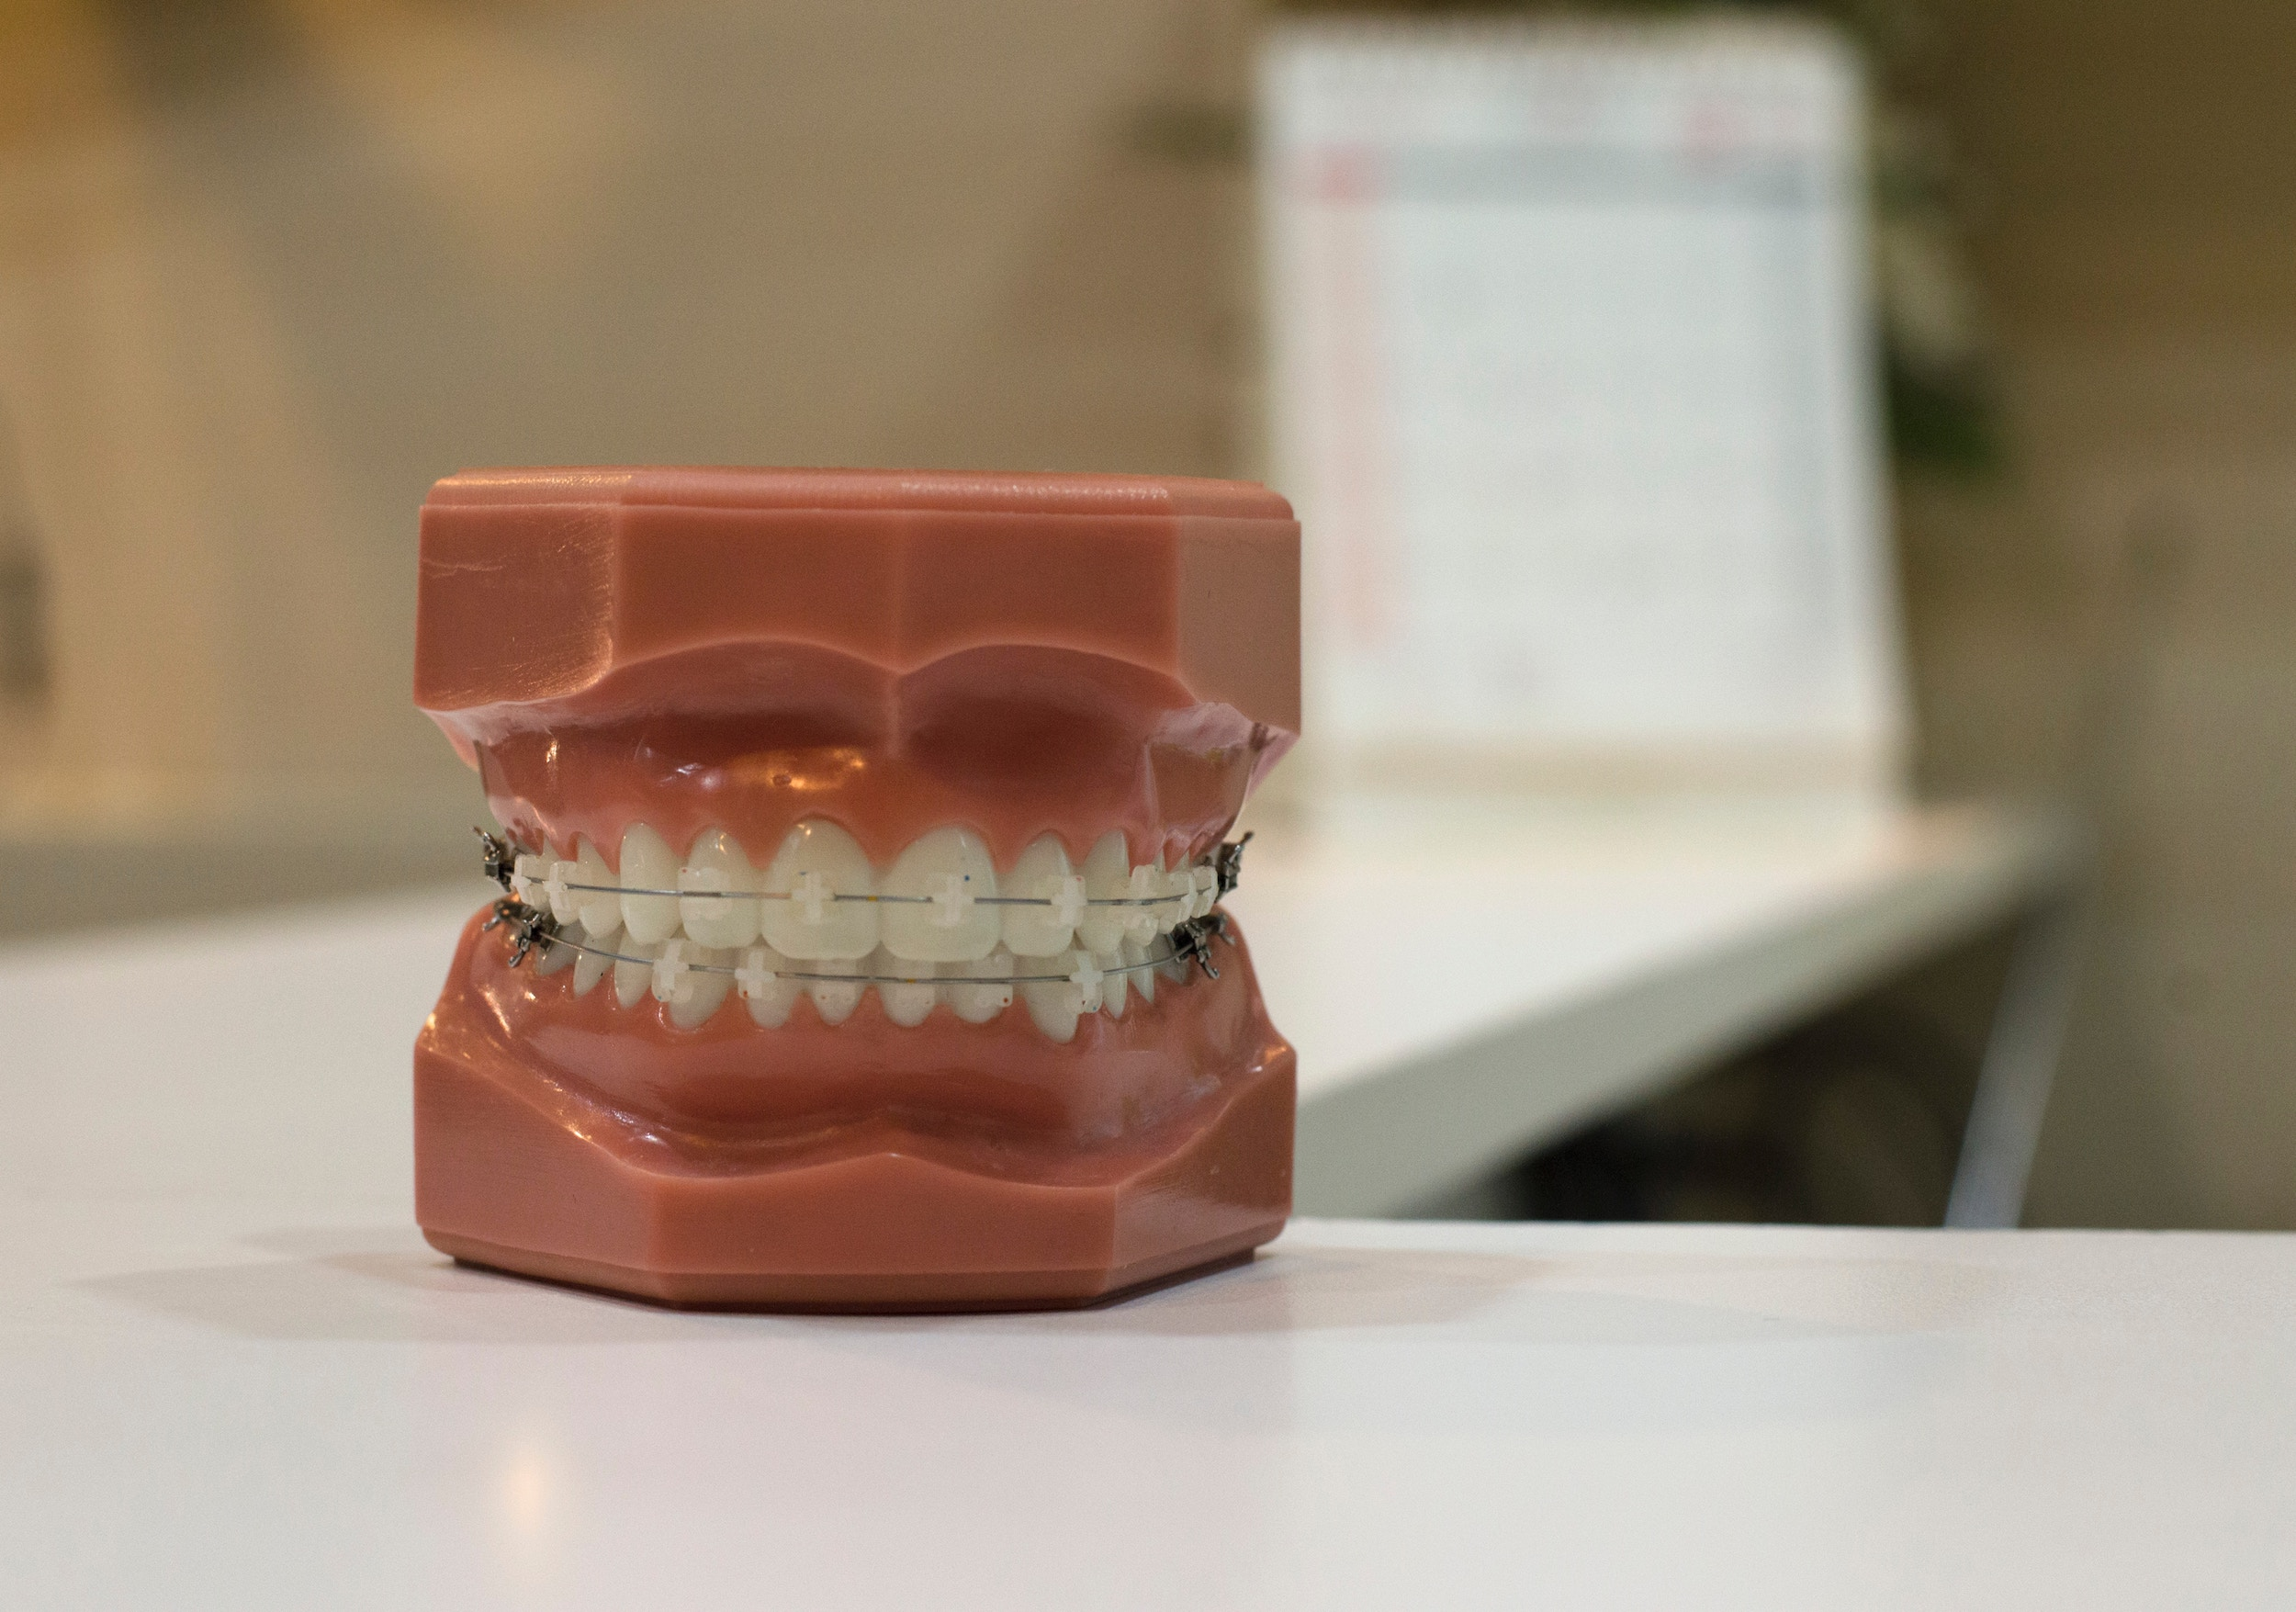 Ortodoncia y salud dental